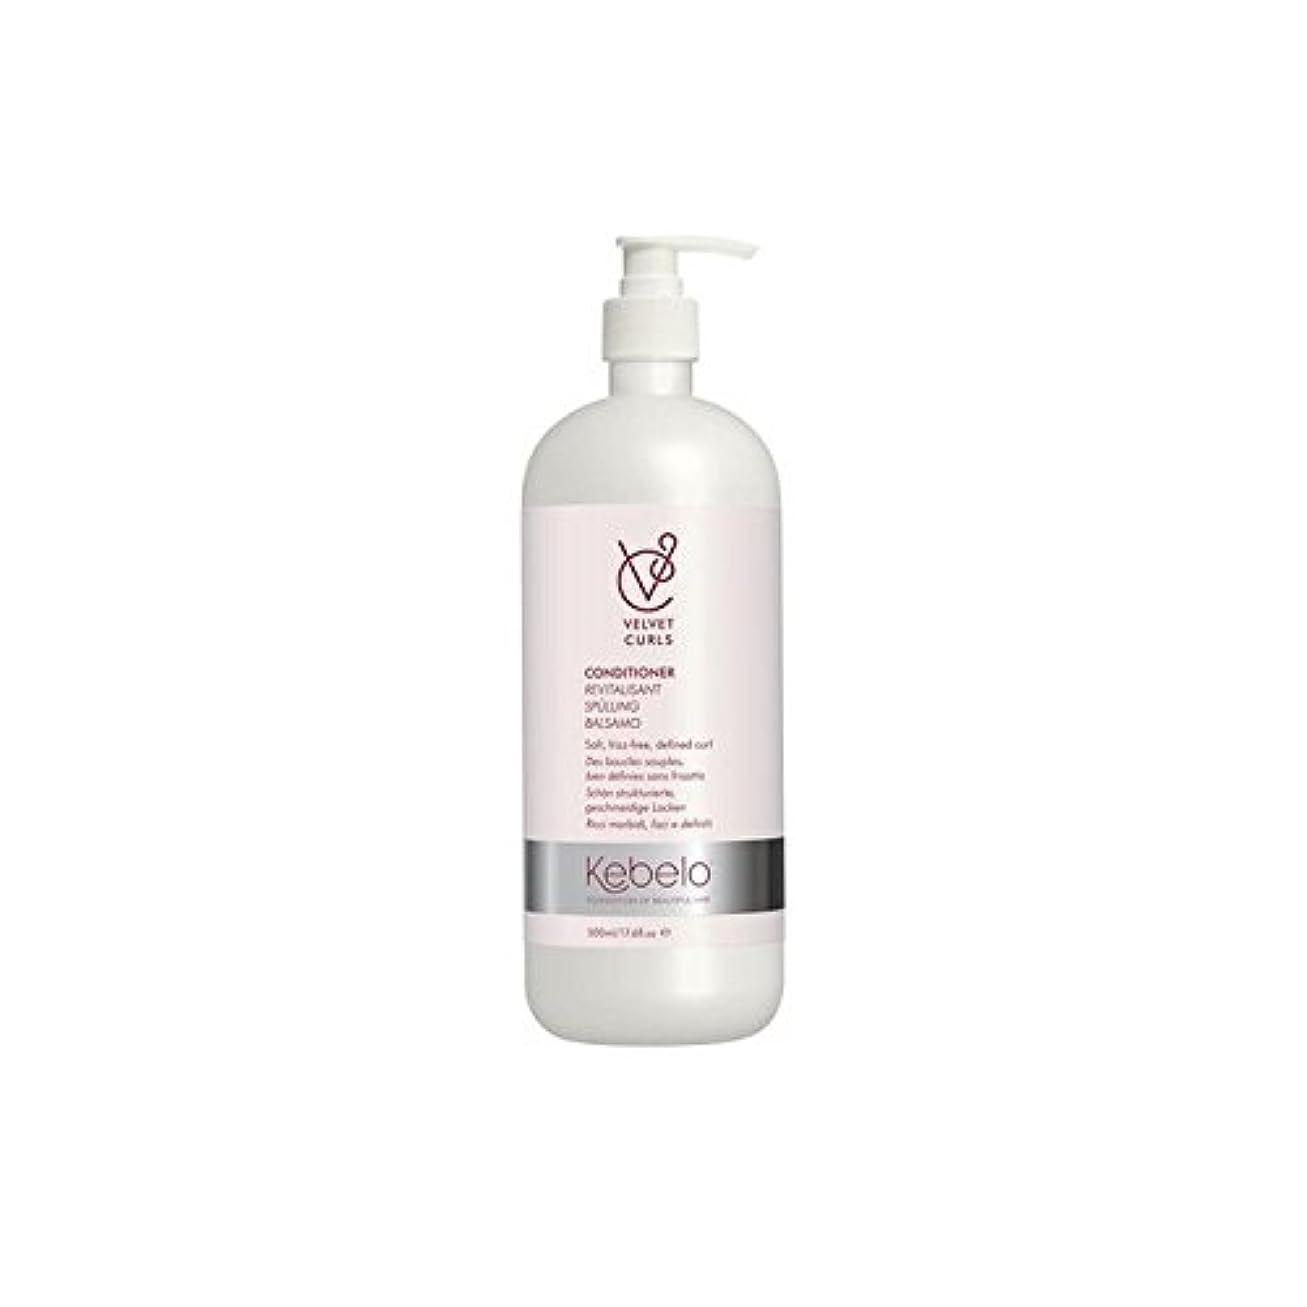 お気に入りロケットアニメーションKebelo Velvet Curls Conditioner (500ml) (Pack of 6) - ベルベットのカールコンディショナー(500ミリリットル) x6 [並行輸入品]